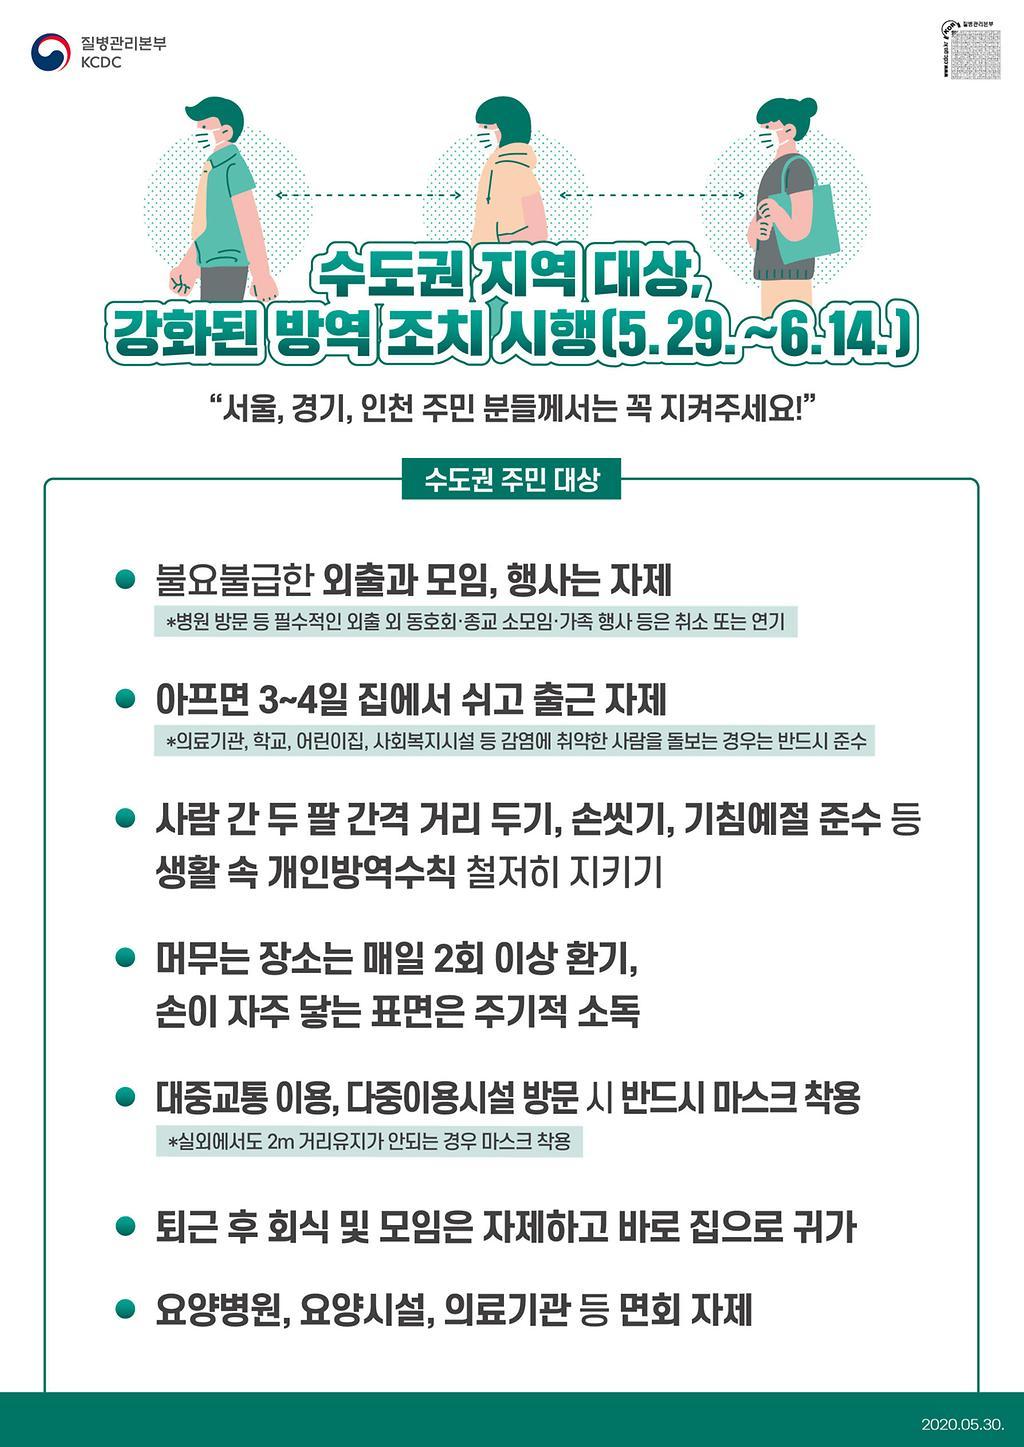 수도권 방역 강화 포스터